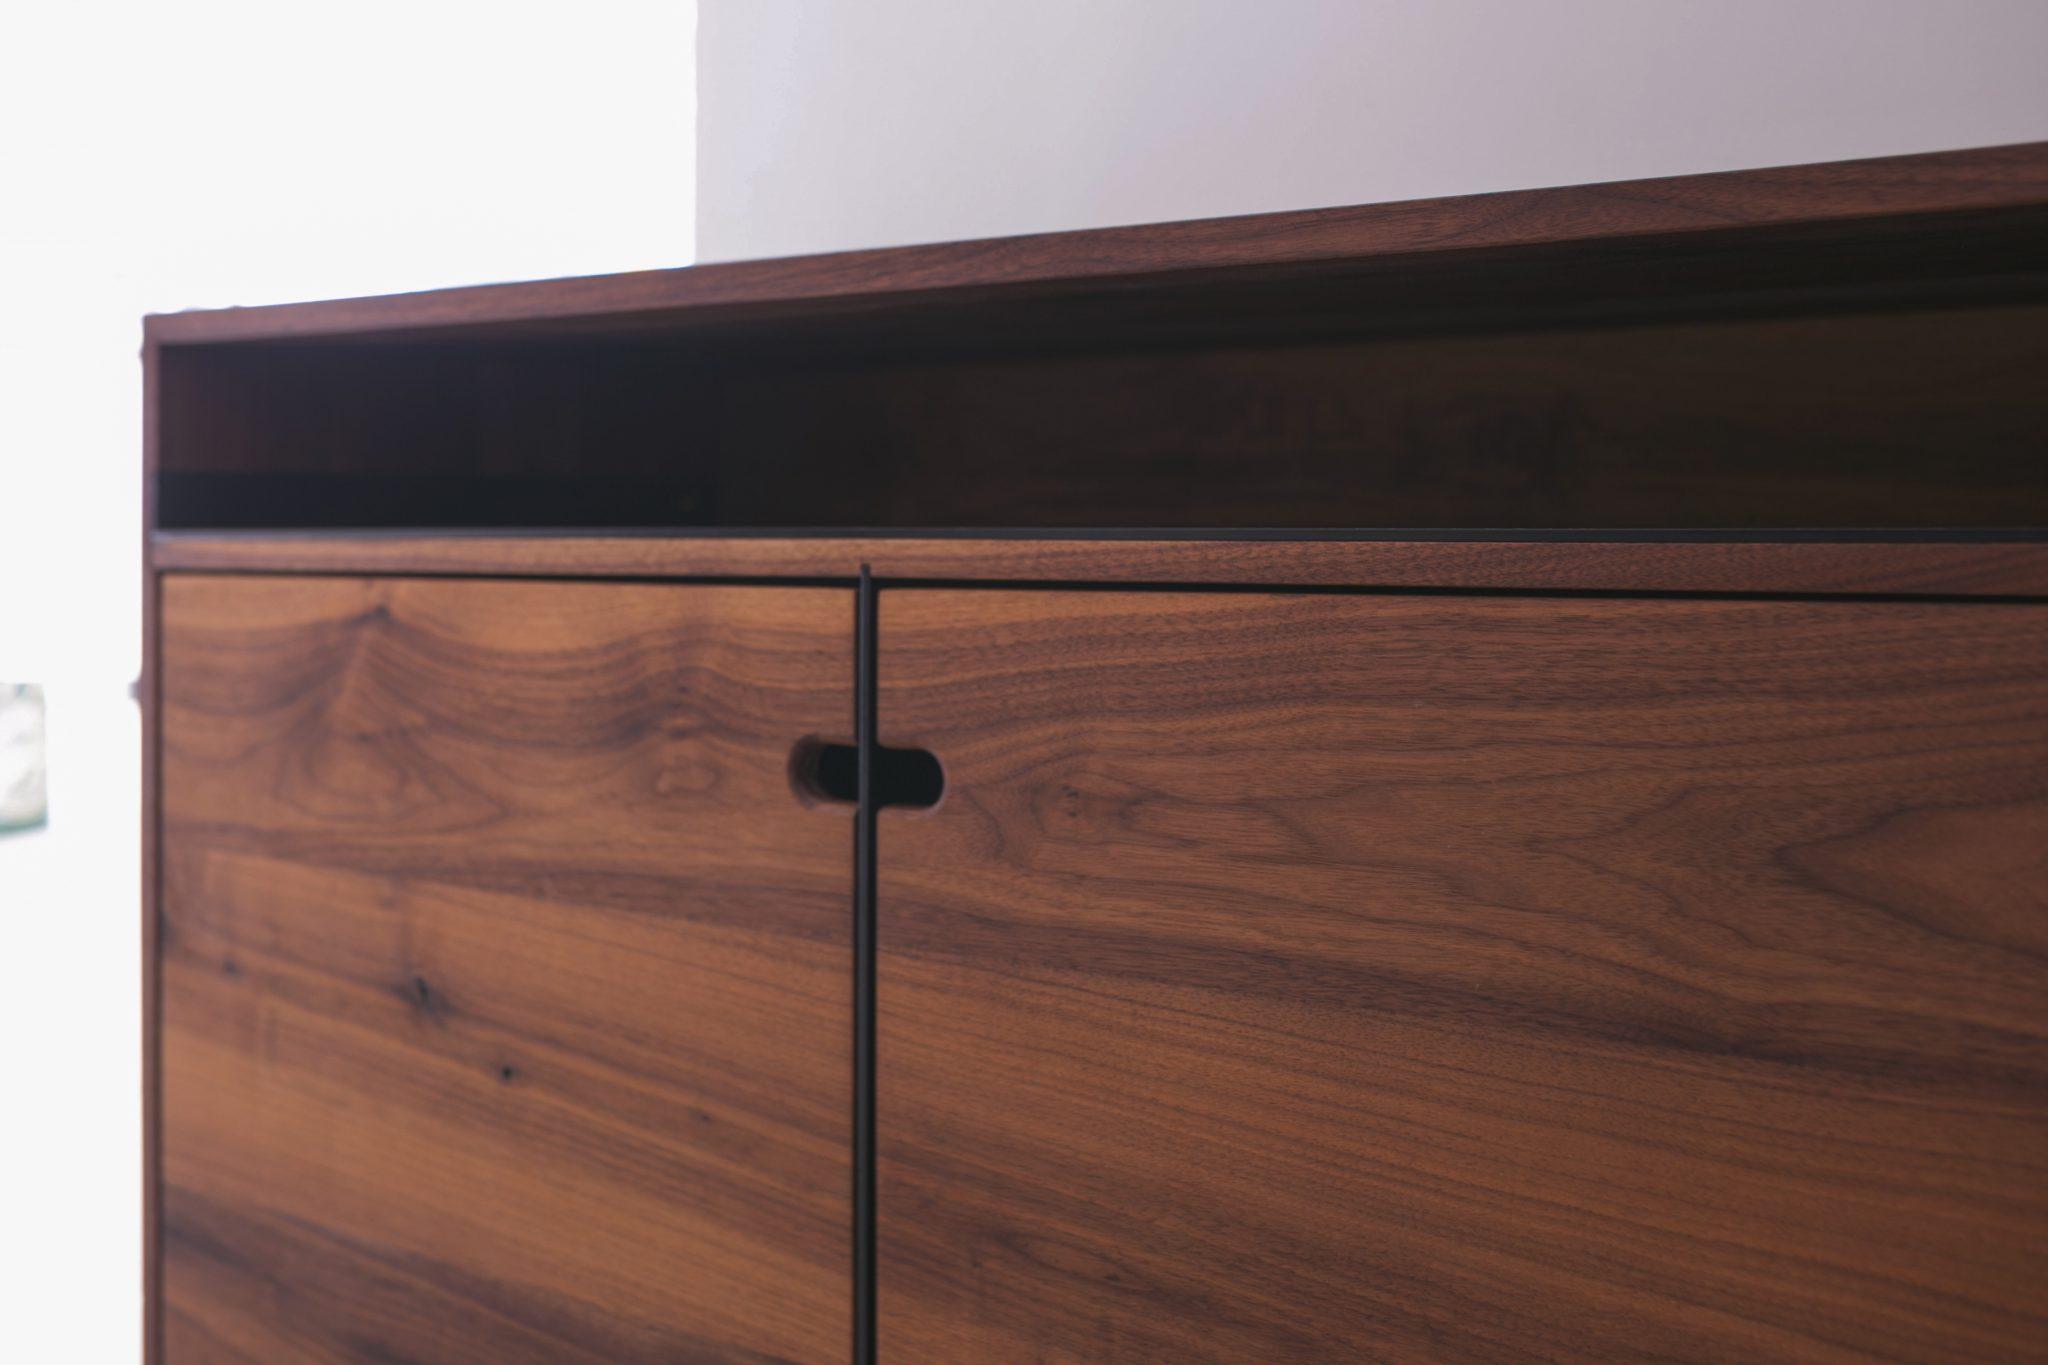 Design-Built Custom Furniture - Credenza